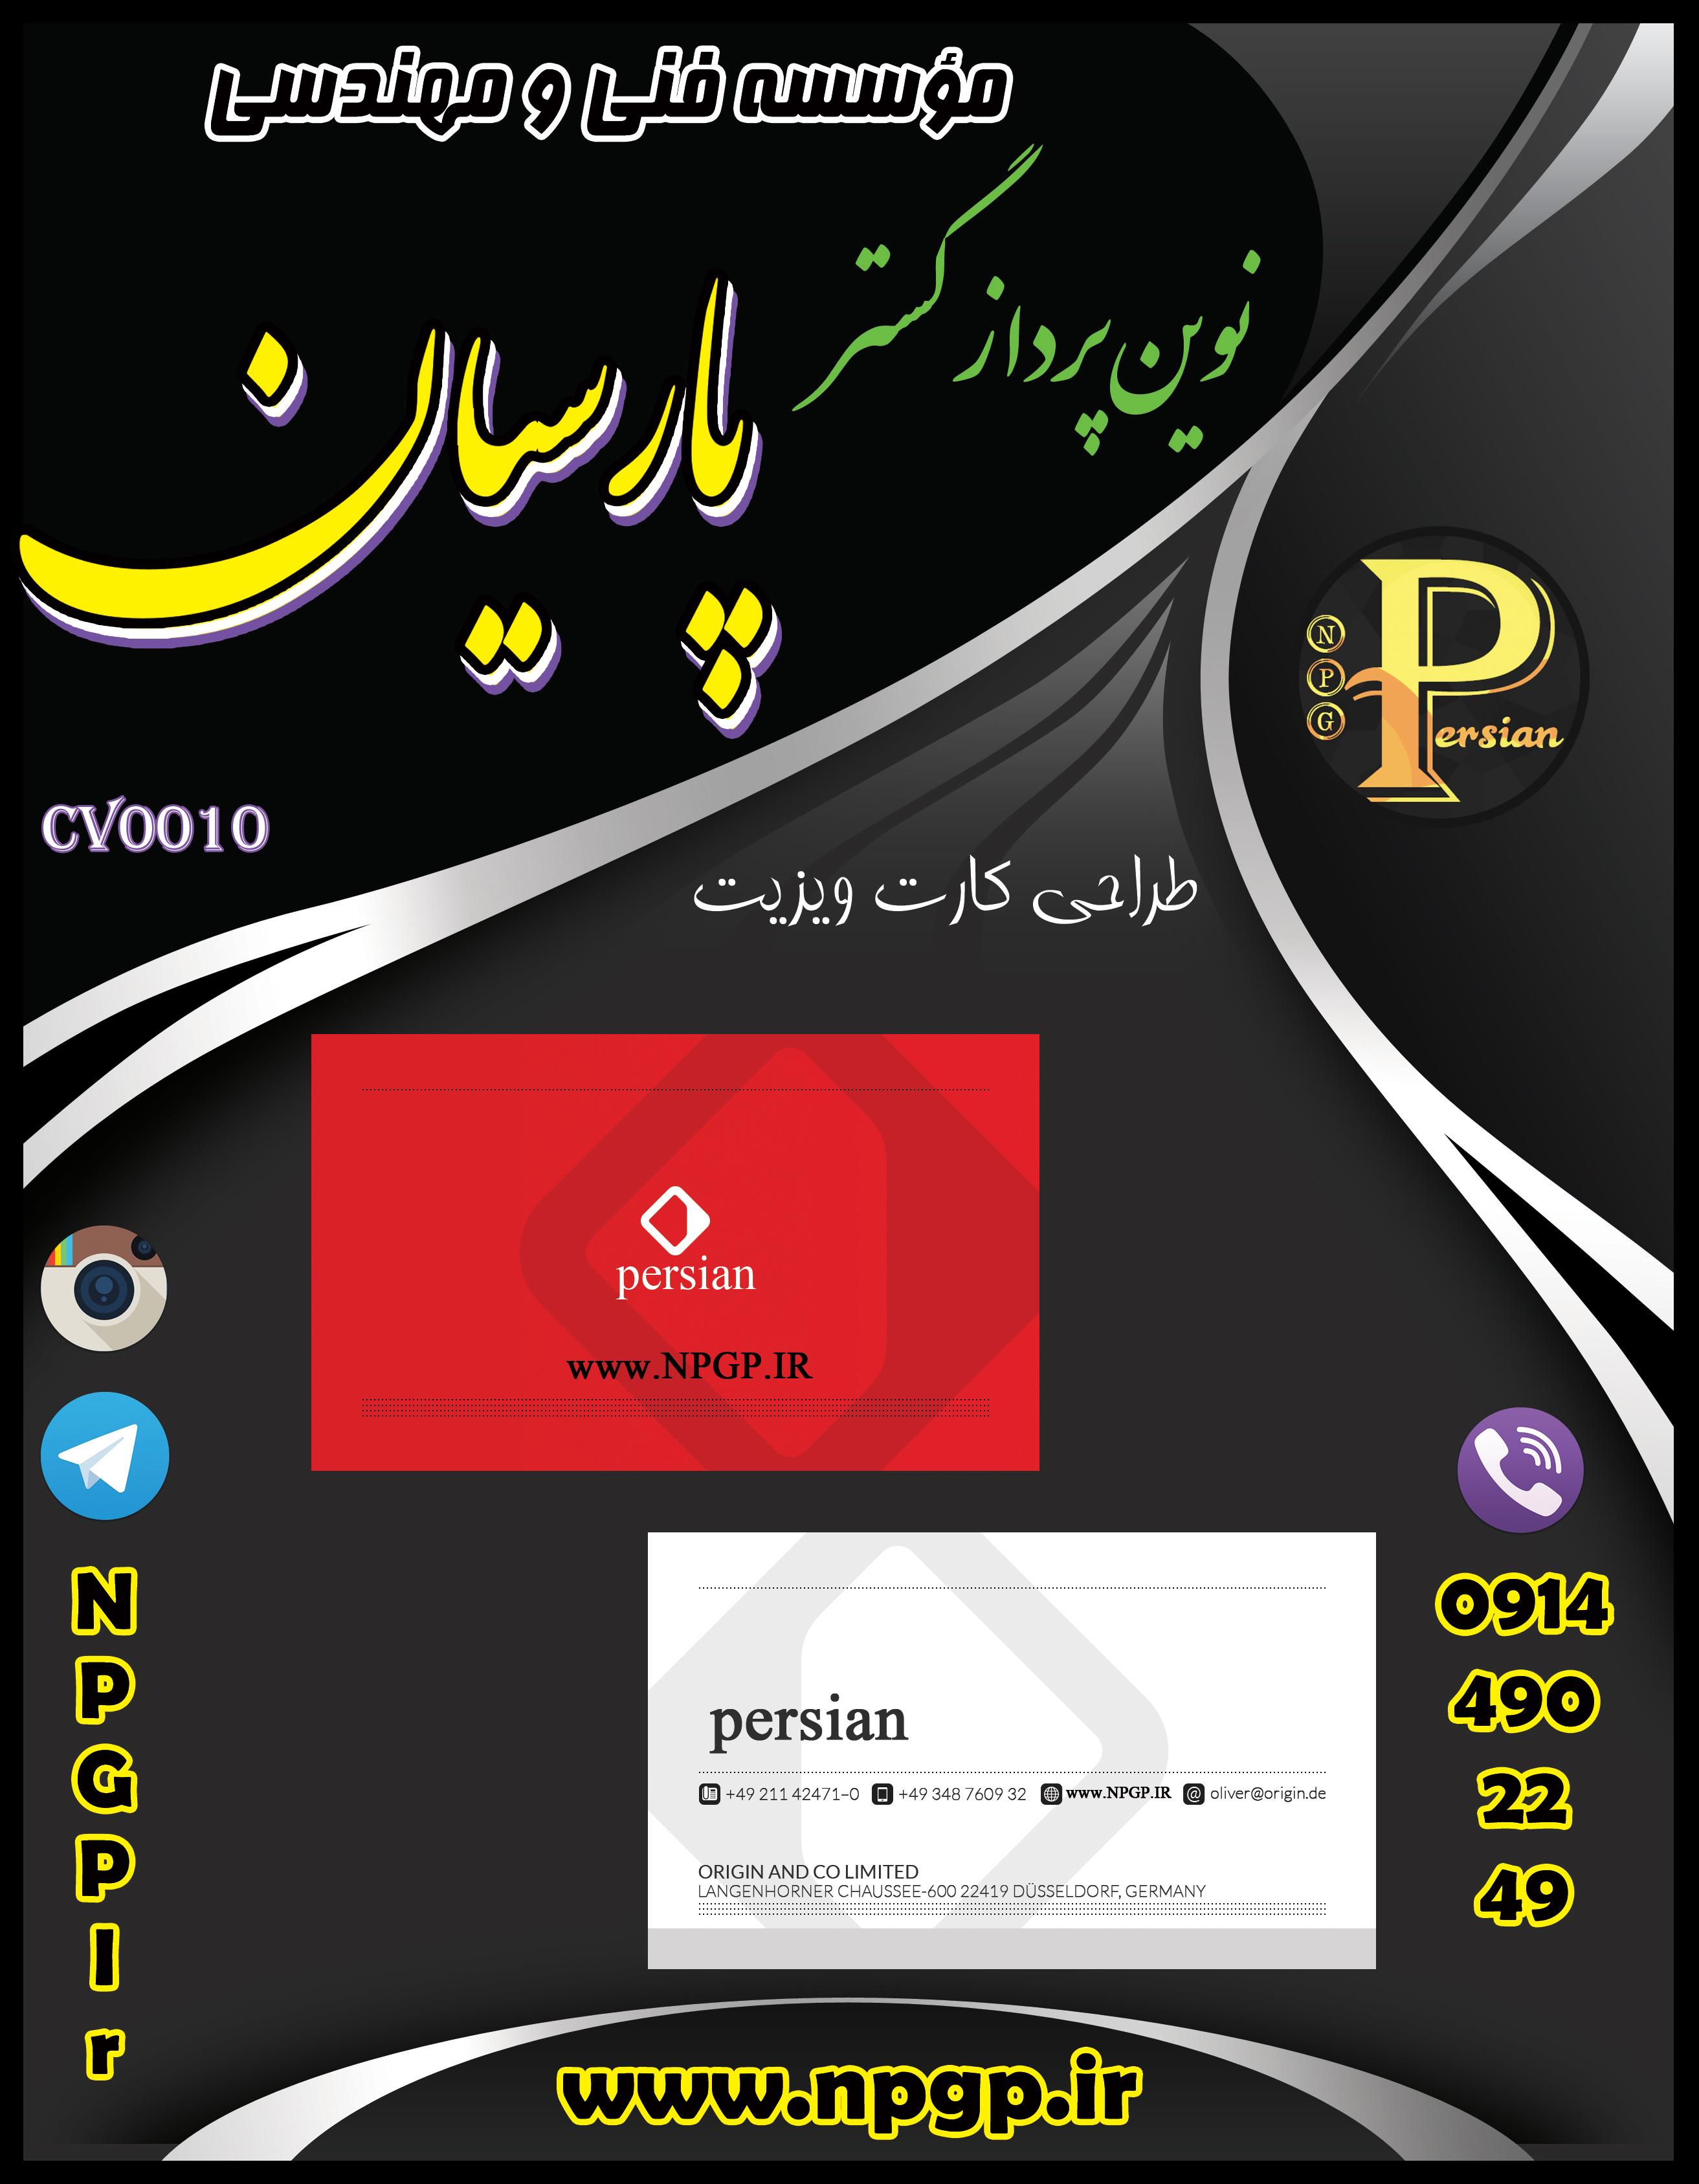 نمونه کارت ویزیت شماره 10 | طراحی کارت ویزیت اختصاصی